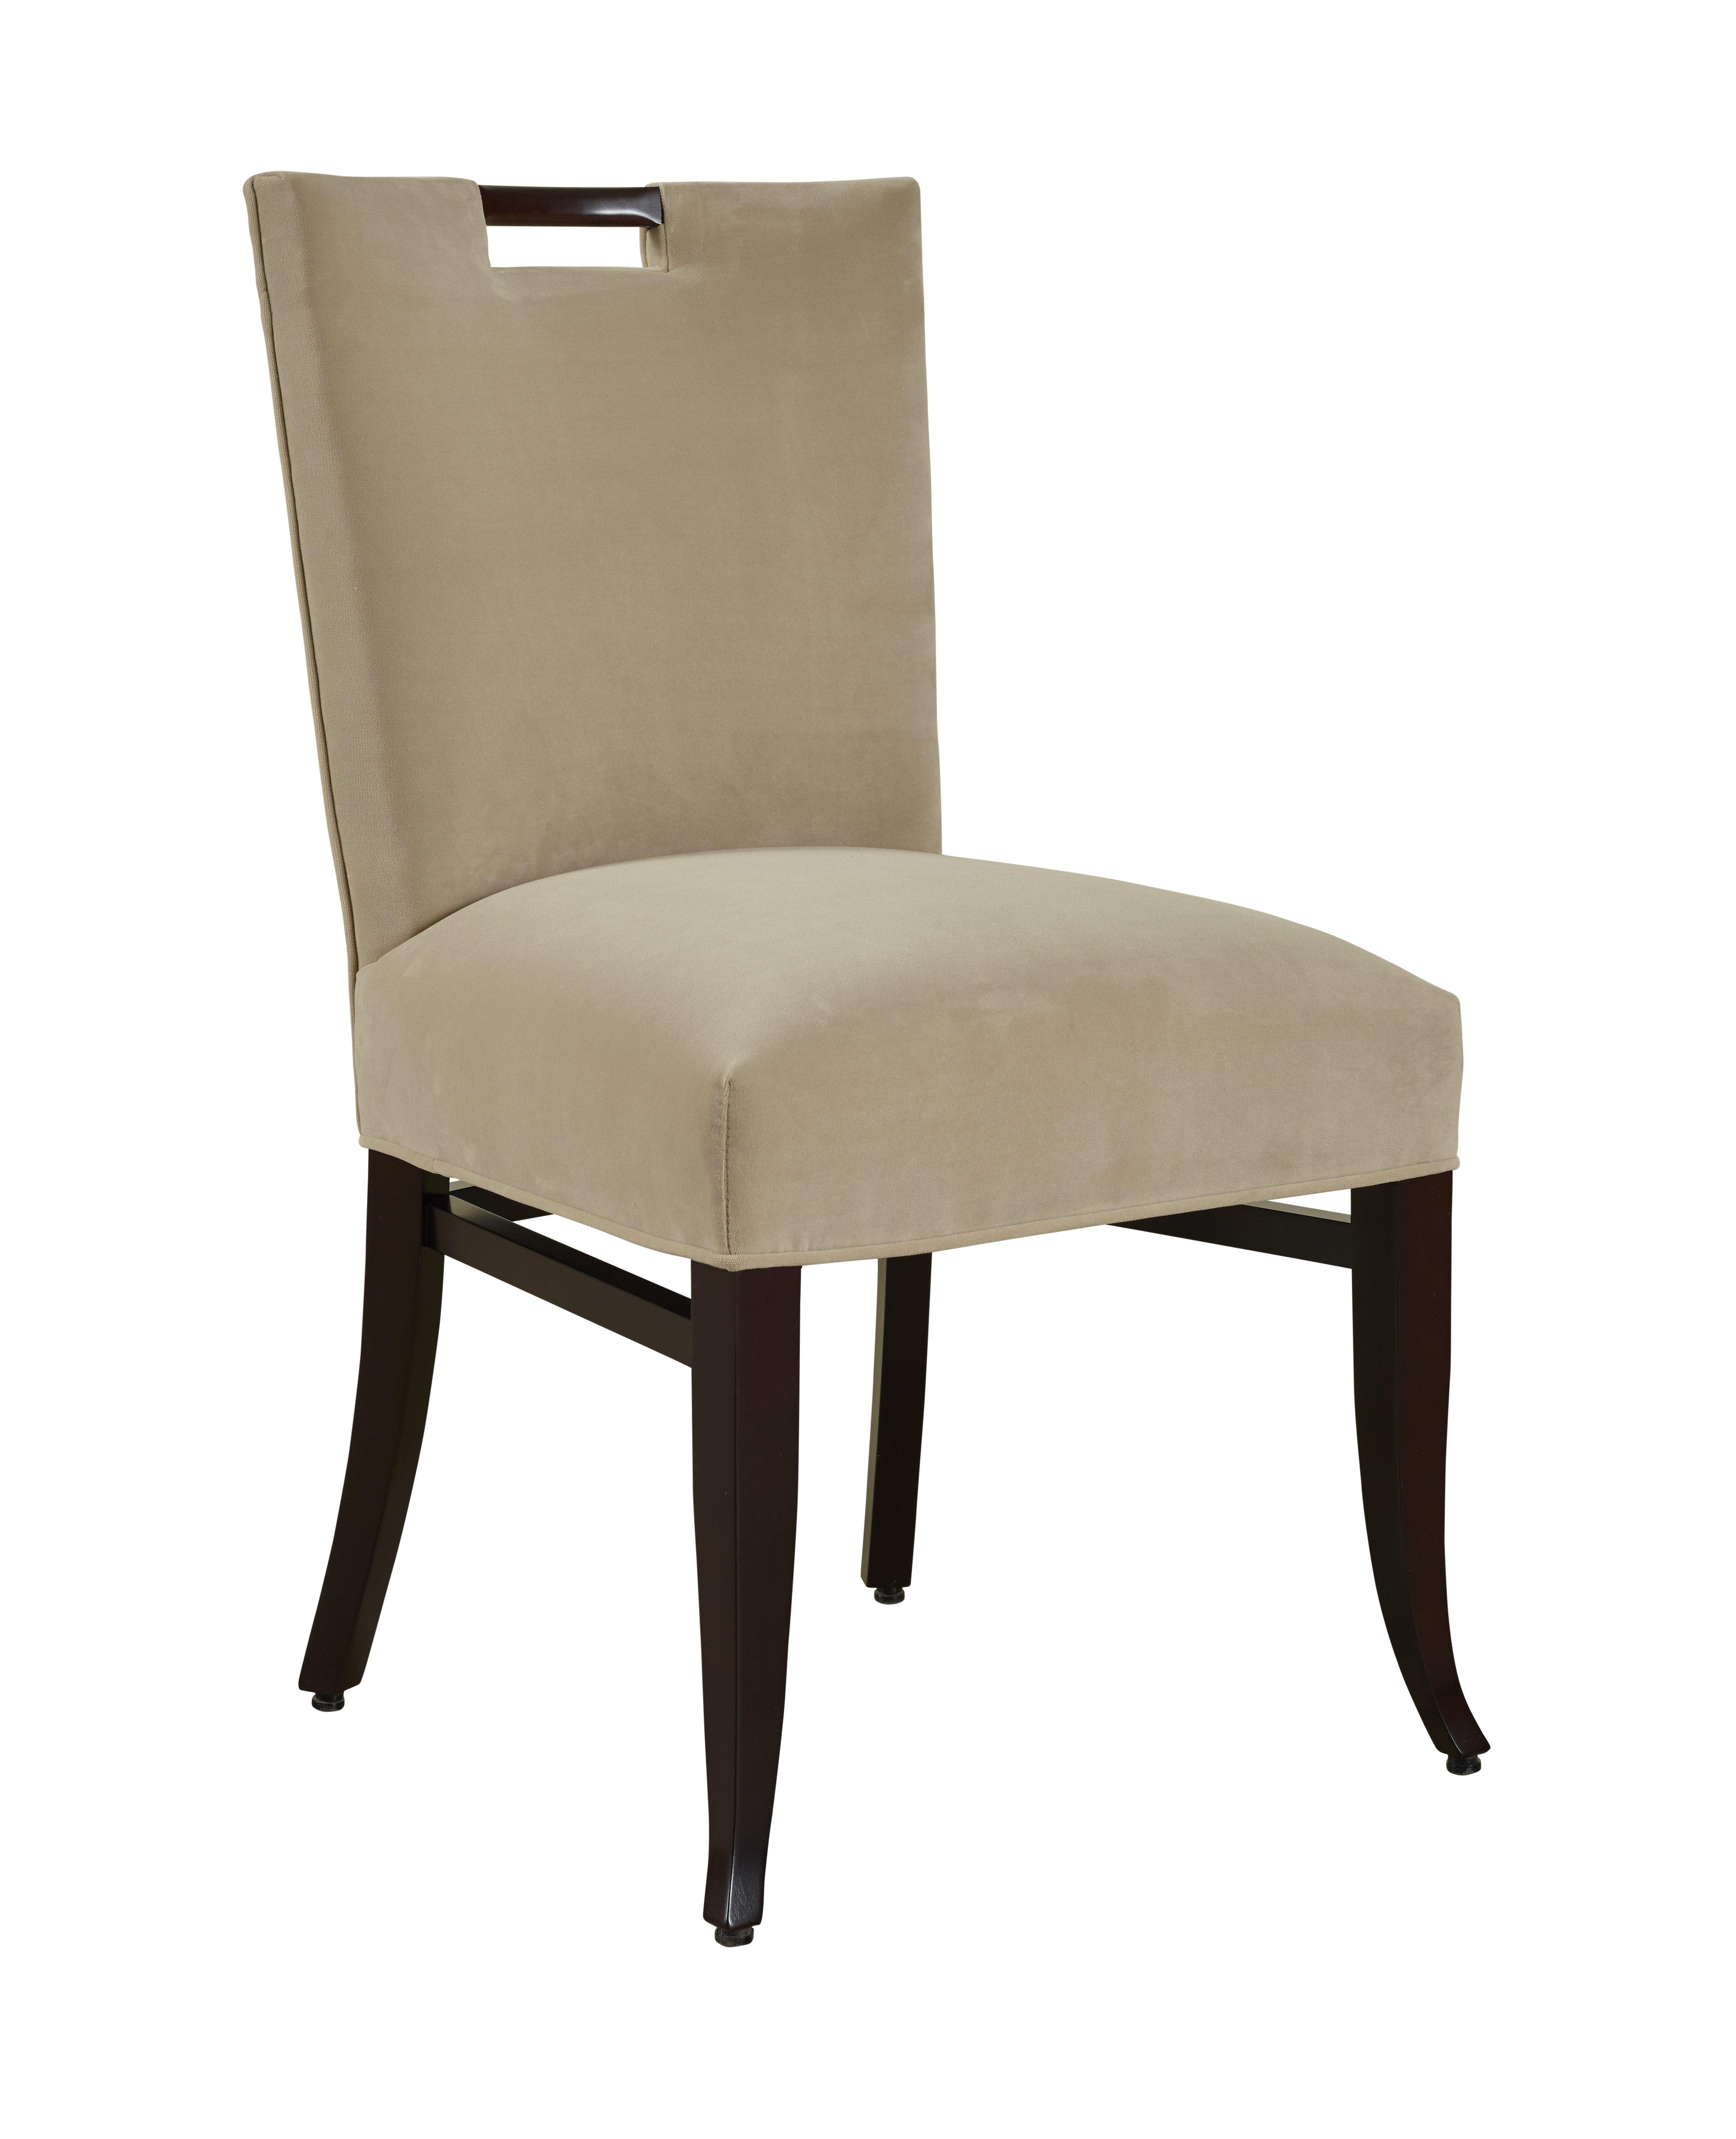 Ordinaire Designmaster Furniture